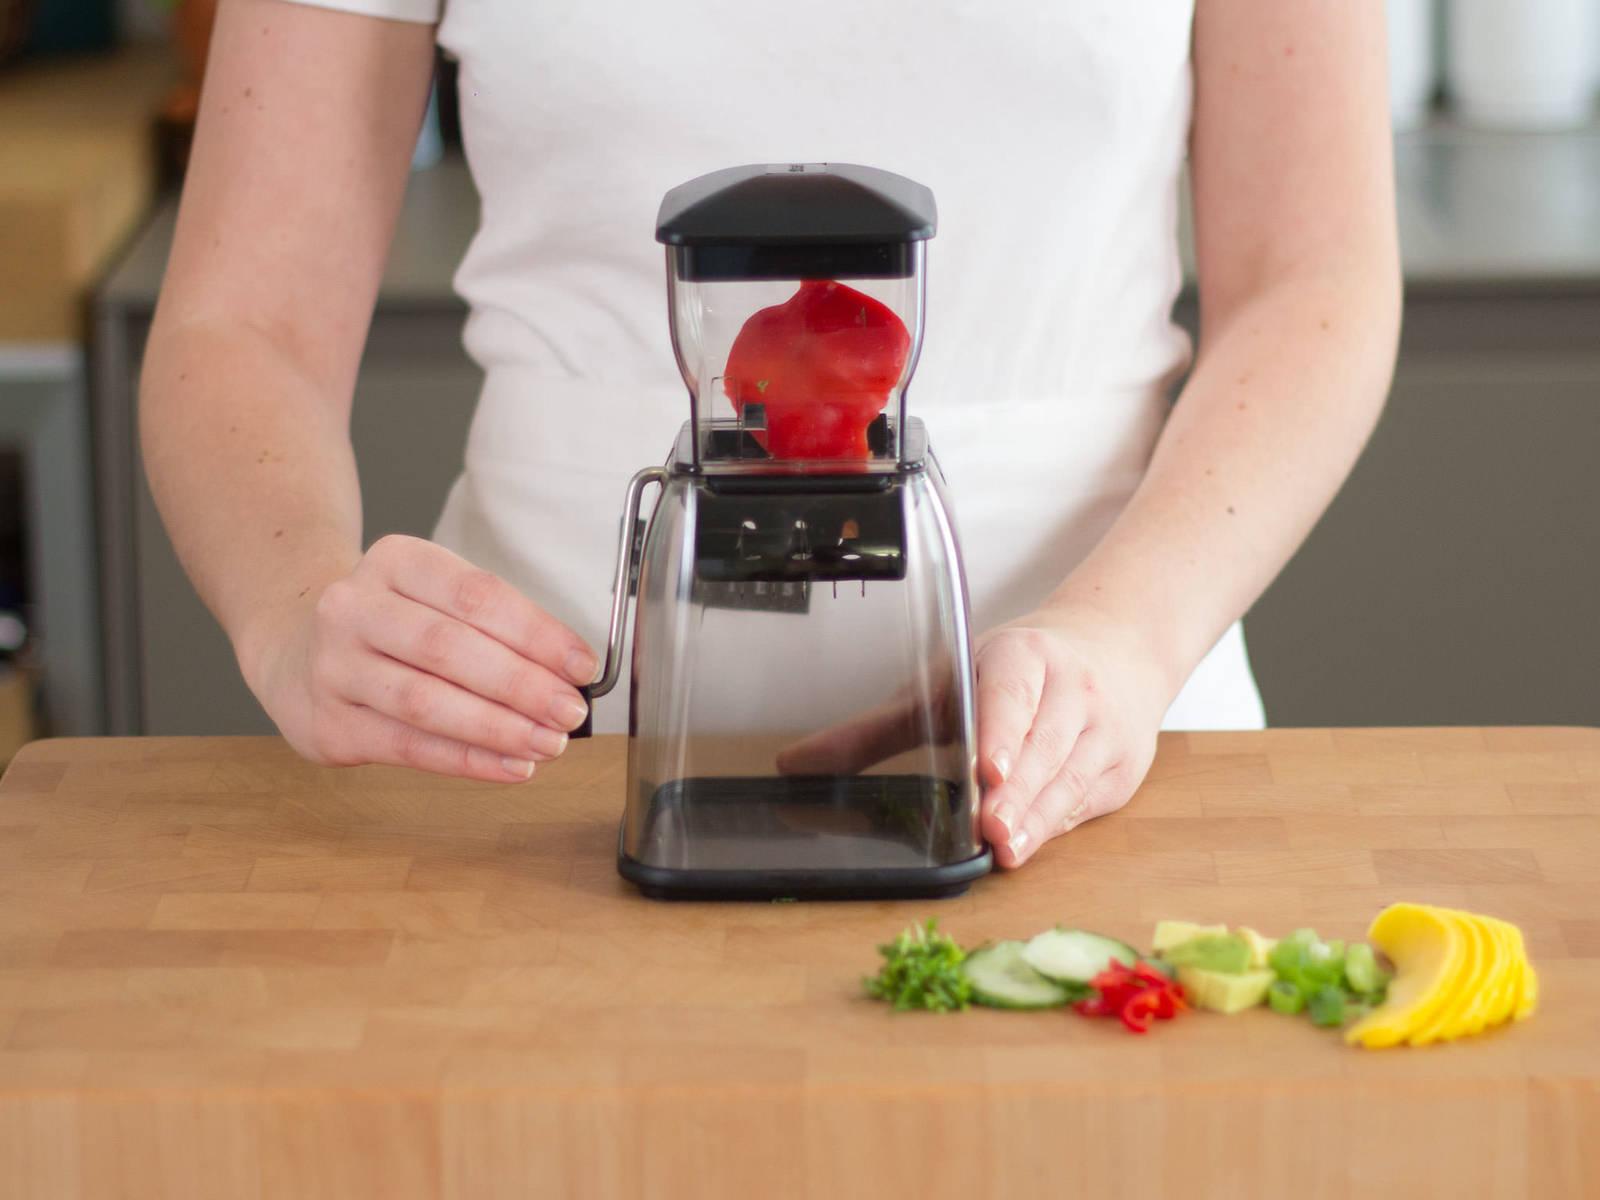 芒果去皮、去核后切成薄片状。鳄梨去皮、去核后切成易入口的小块。将黄瓜切片,葱切圈。切碎辣椒,并粗略剁碎薄荷与香菜。使用蔬菜切片器将灯笼椒切细丝。